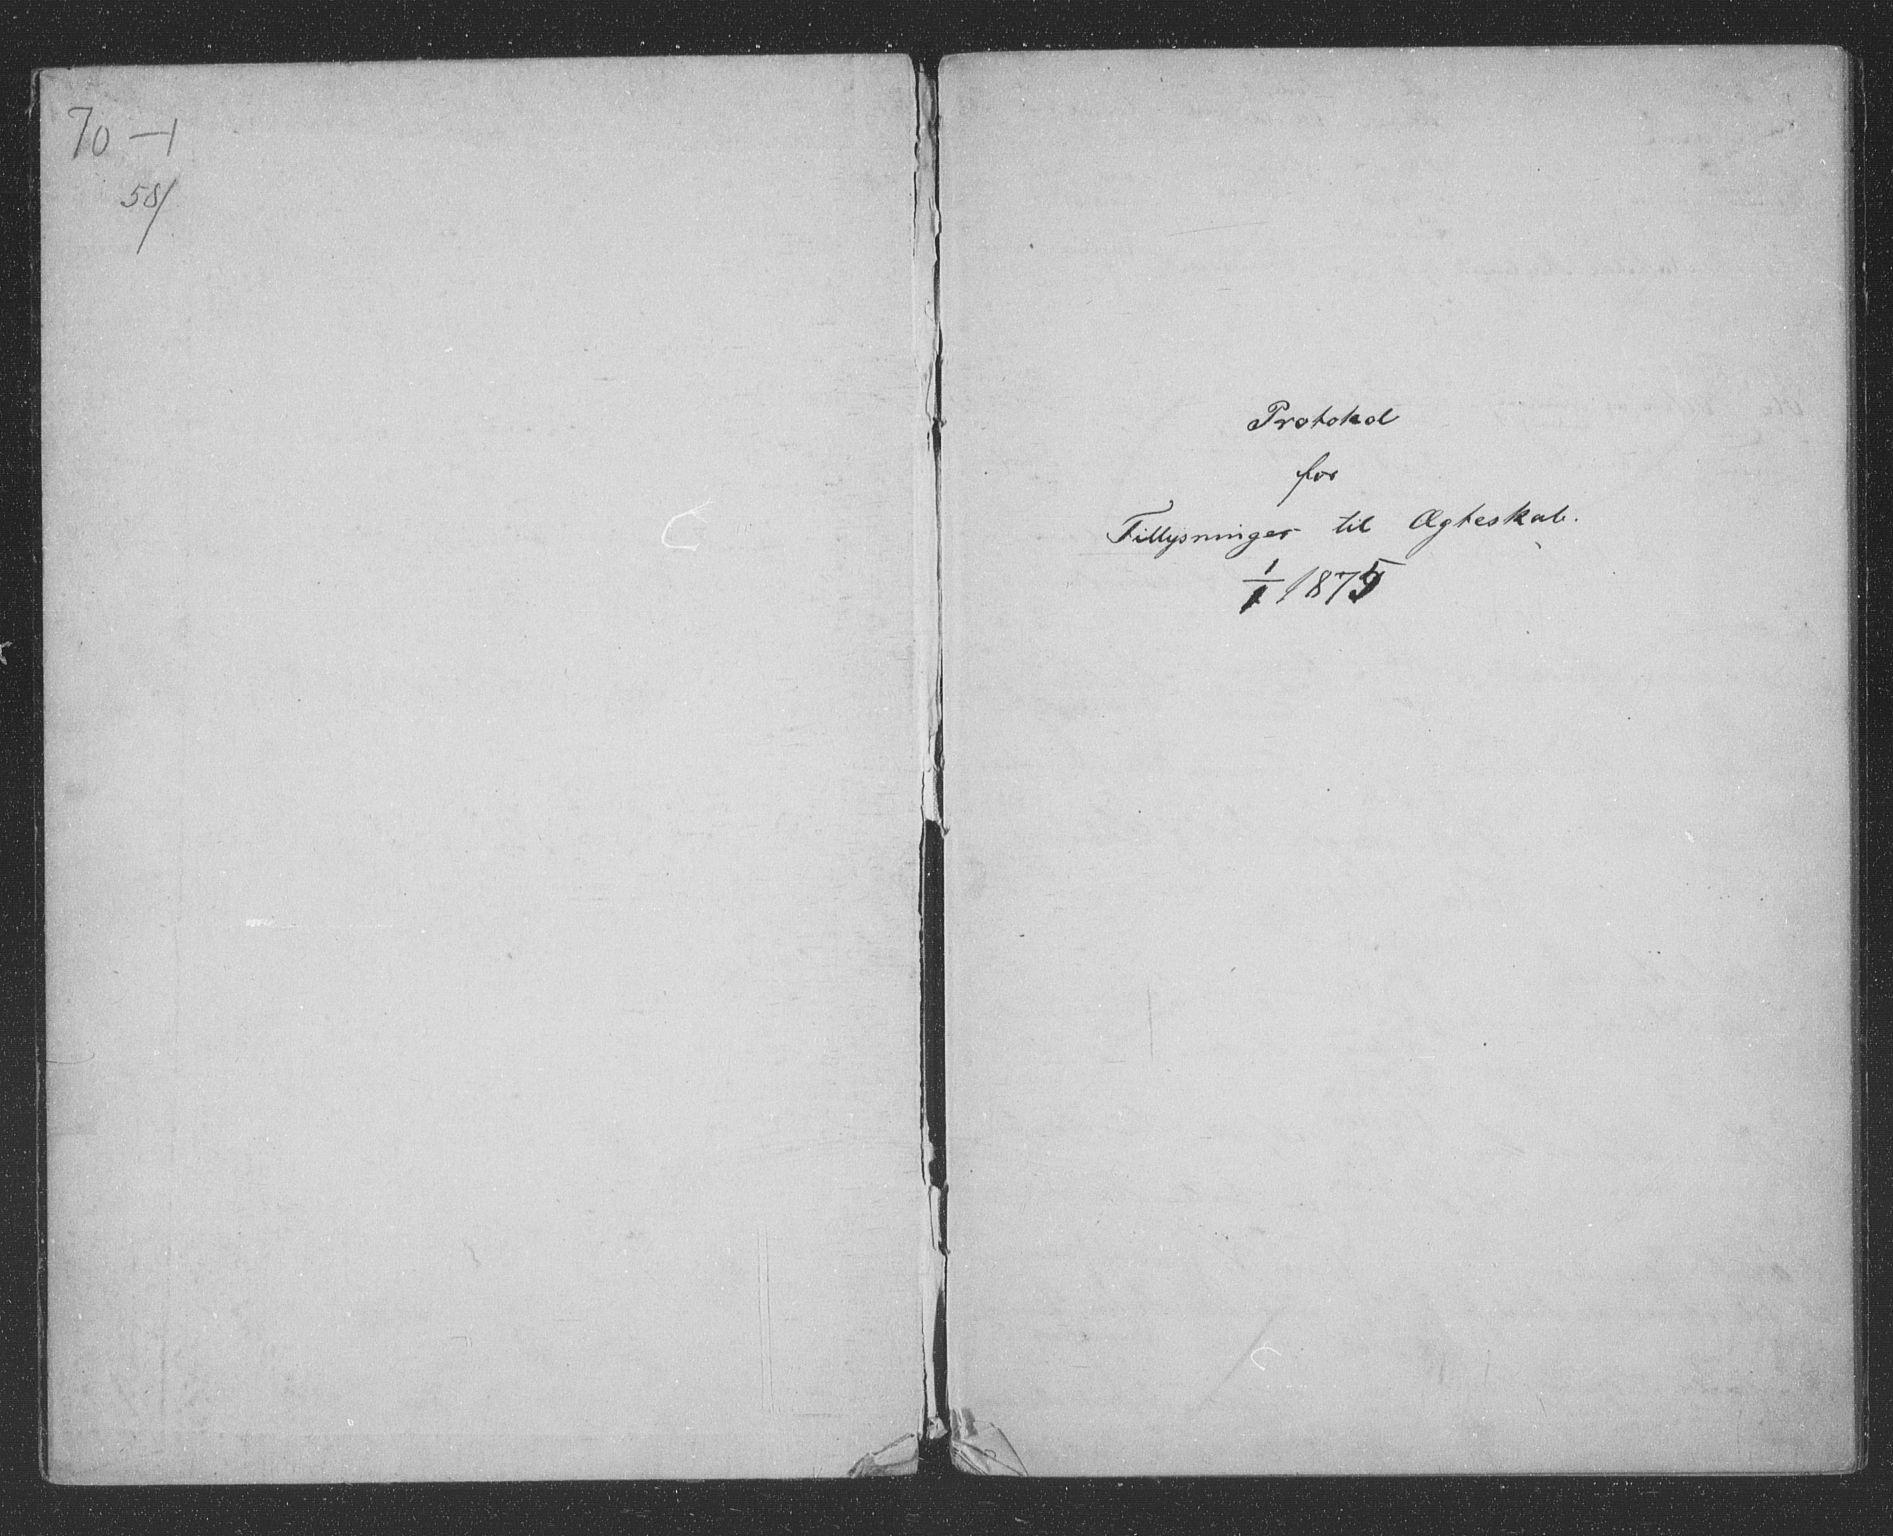 SATØ, Tromsøysund sokneprestkontor, H/Hc/L0055: Lysningsprotokoll nr. 55, 1875-1880